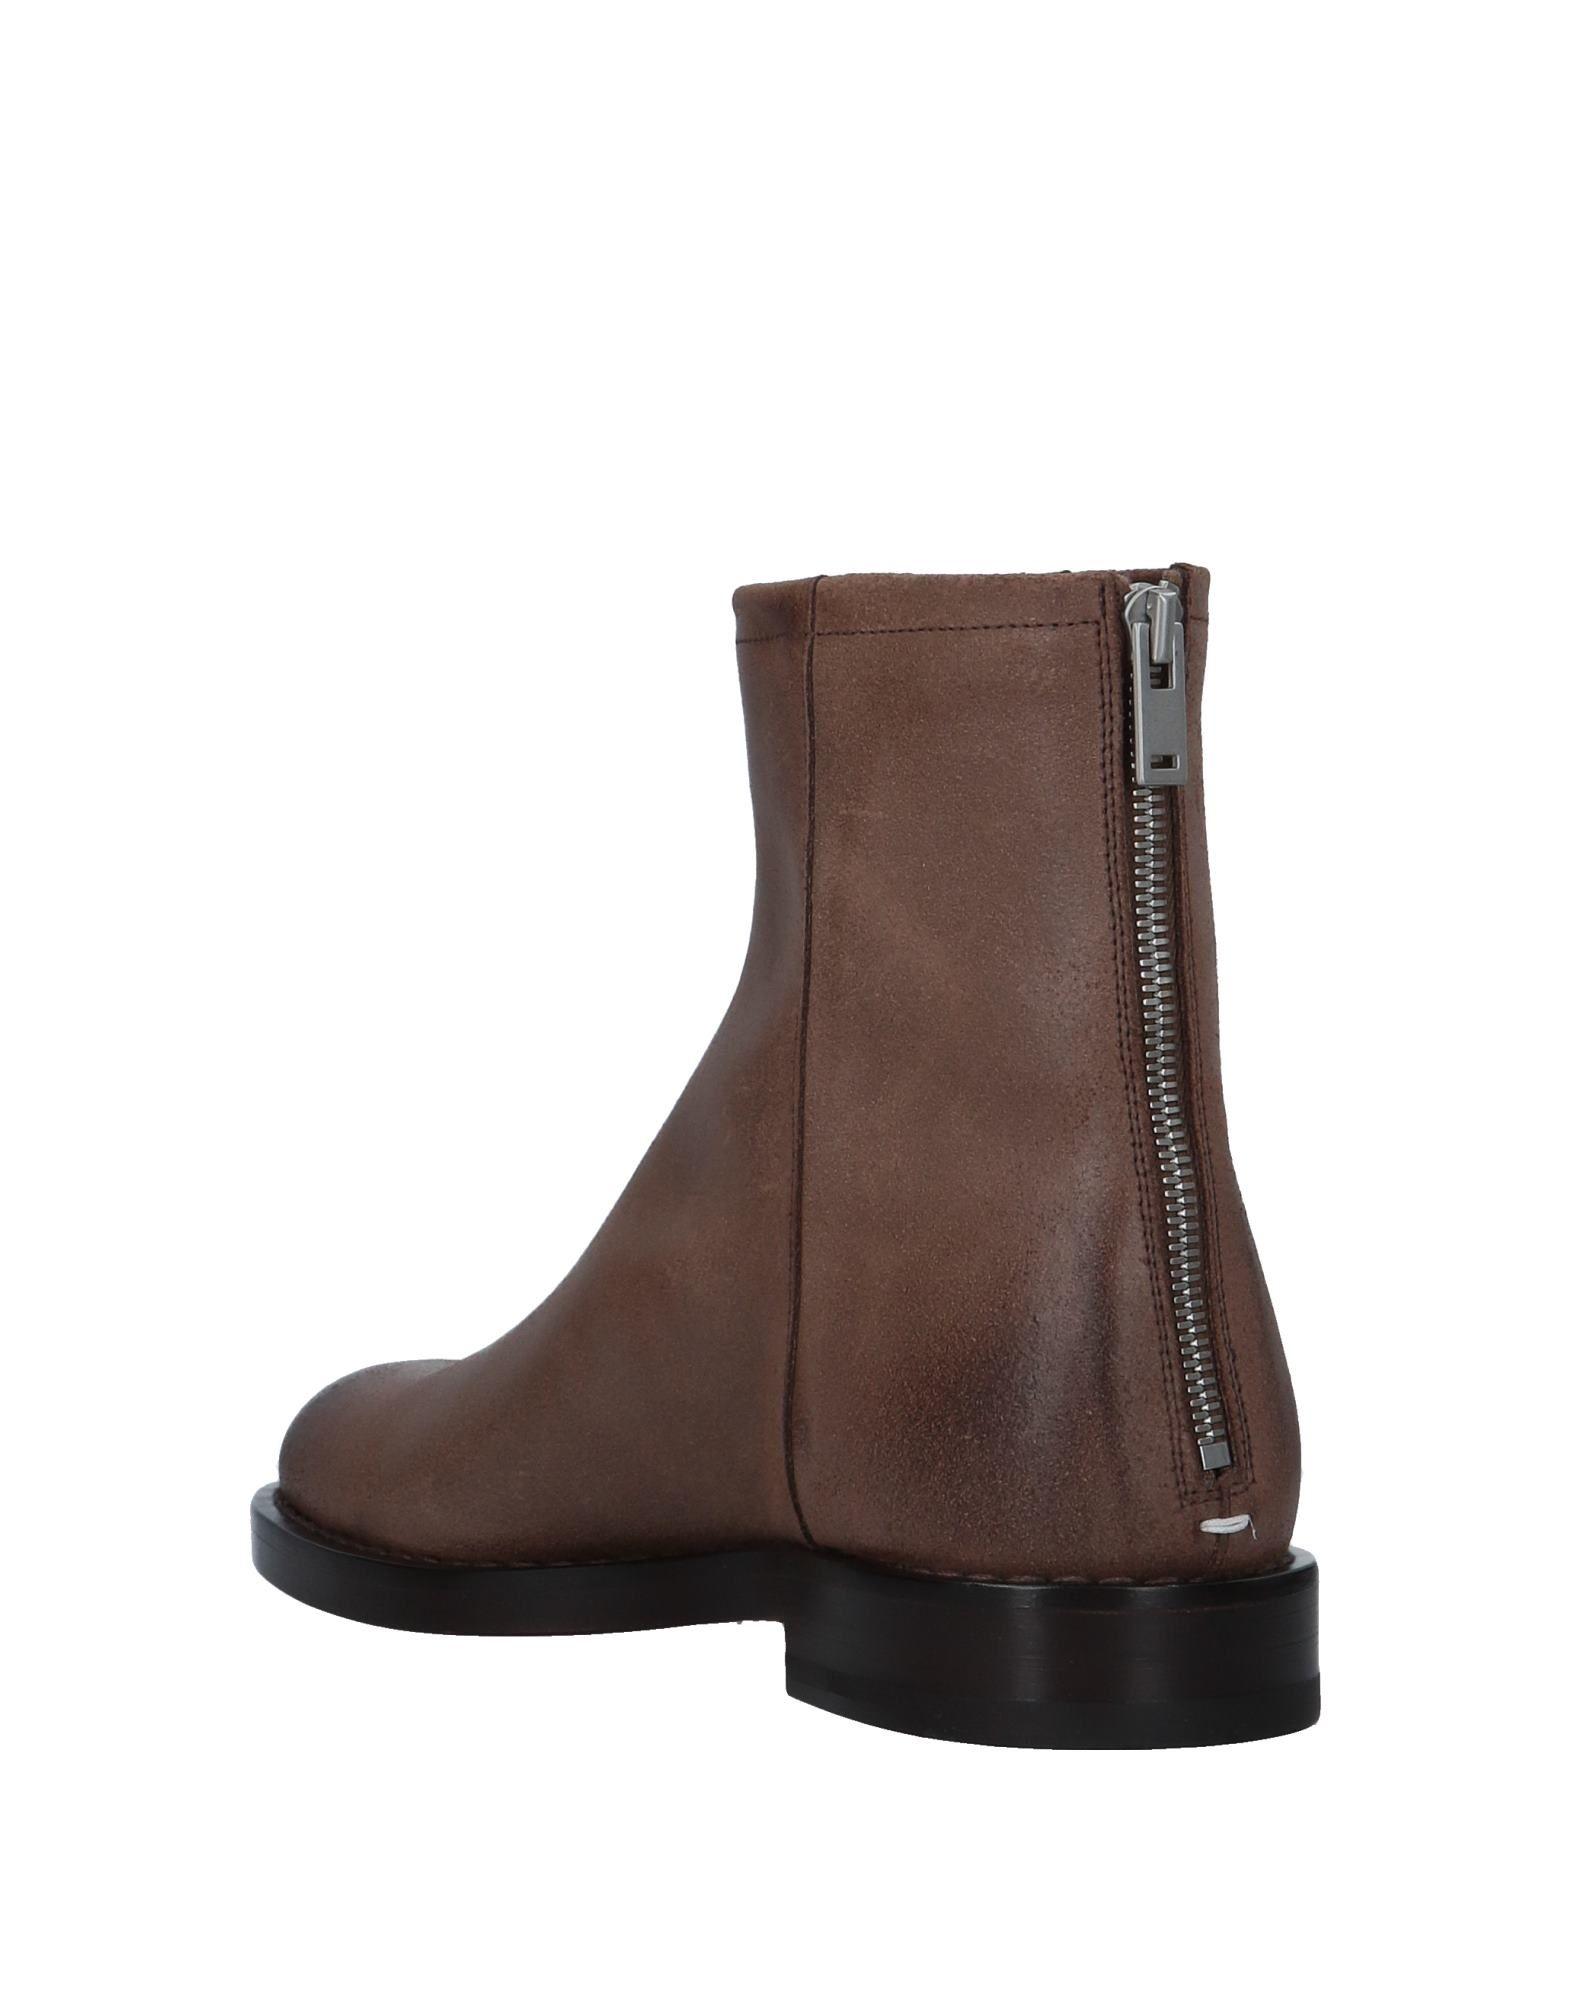 Maison Margiela Stiefelette Herren  11535525XB Gute Qualität beliebte Schuhe